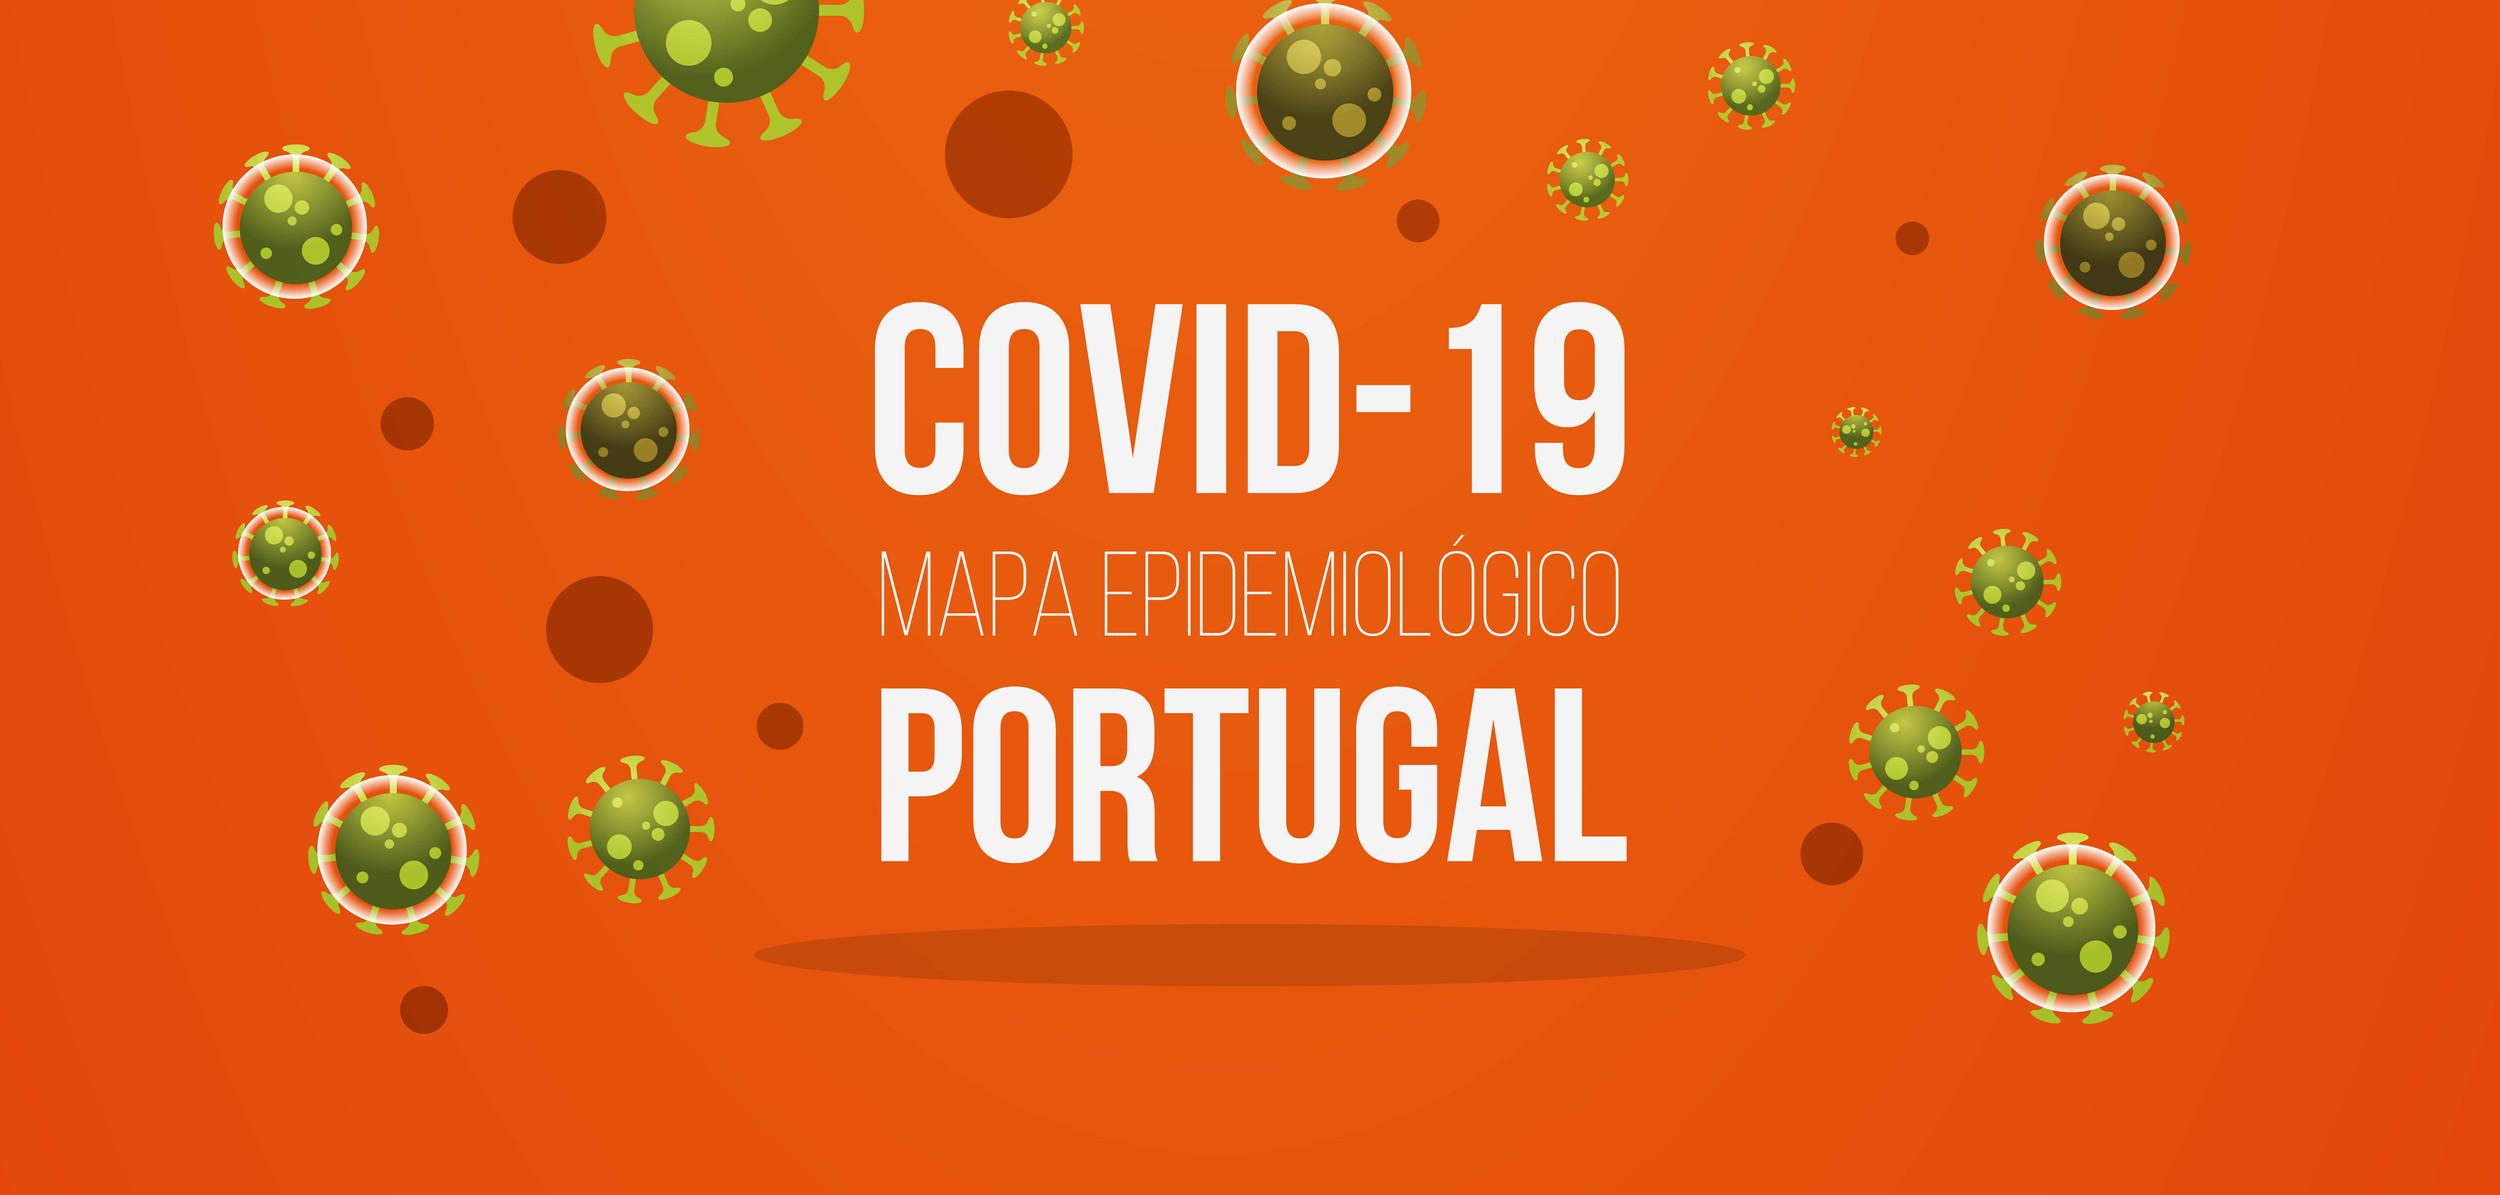 Informação sobre Covid19 - cover